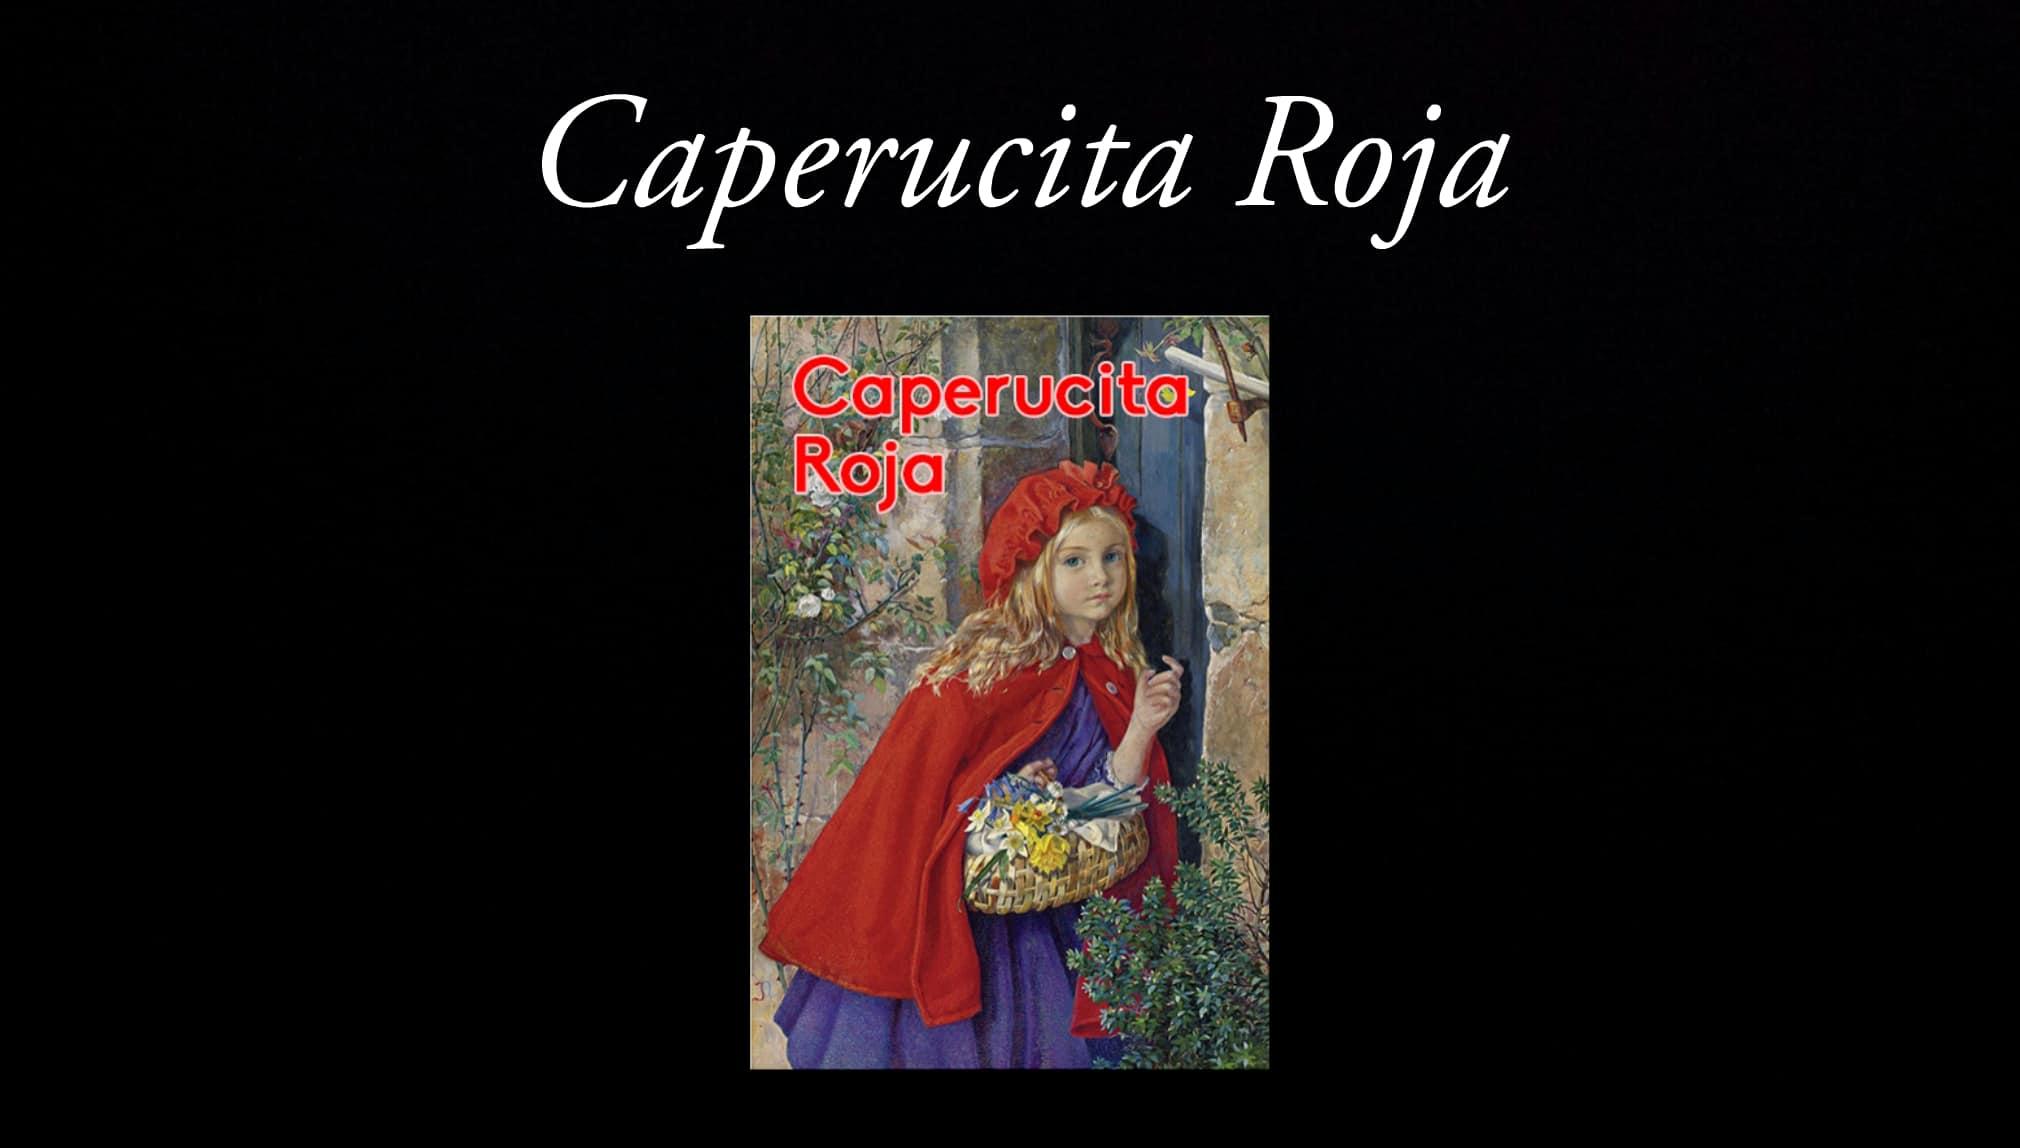 Caperucita Roja.